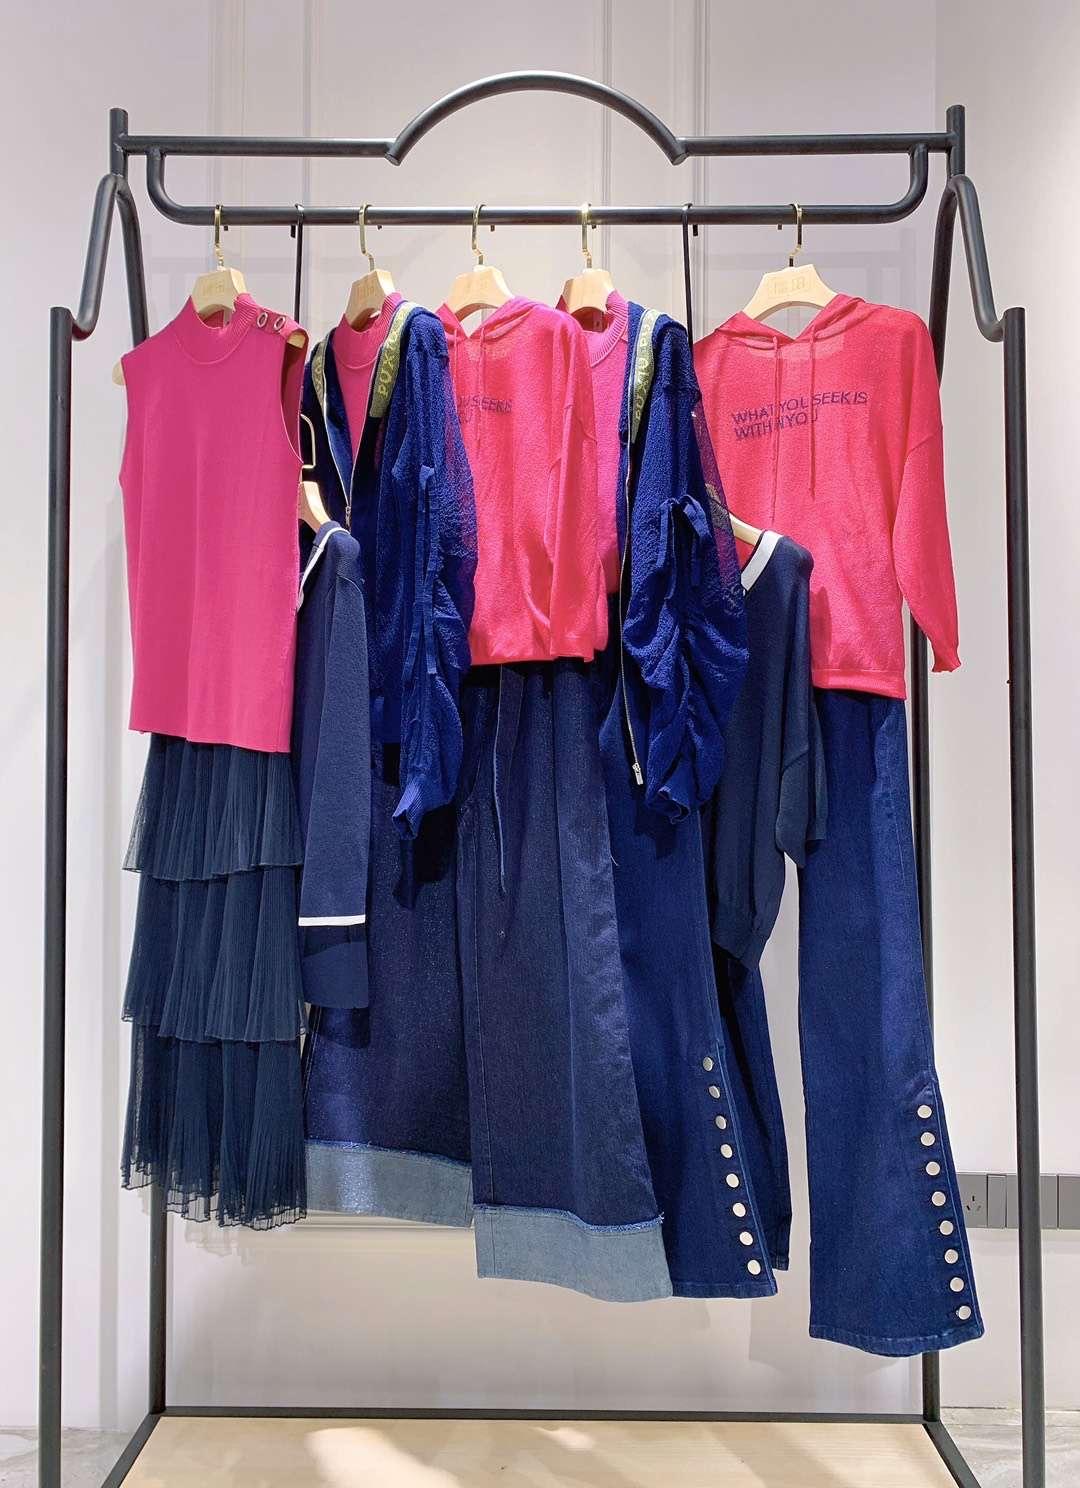 璞秀品牌折扣服饰女装店货源的现代浪漫